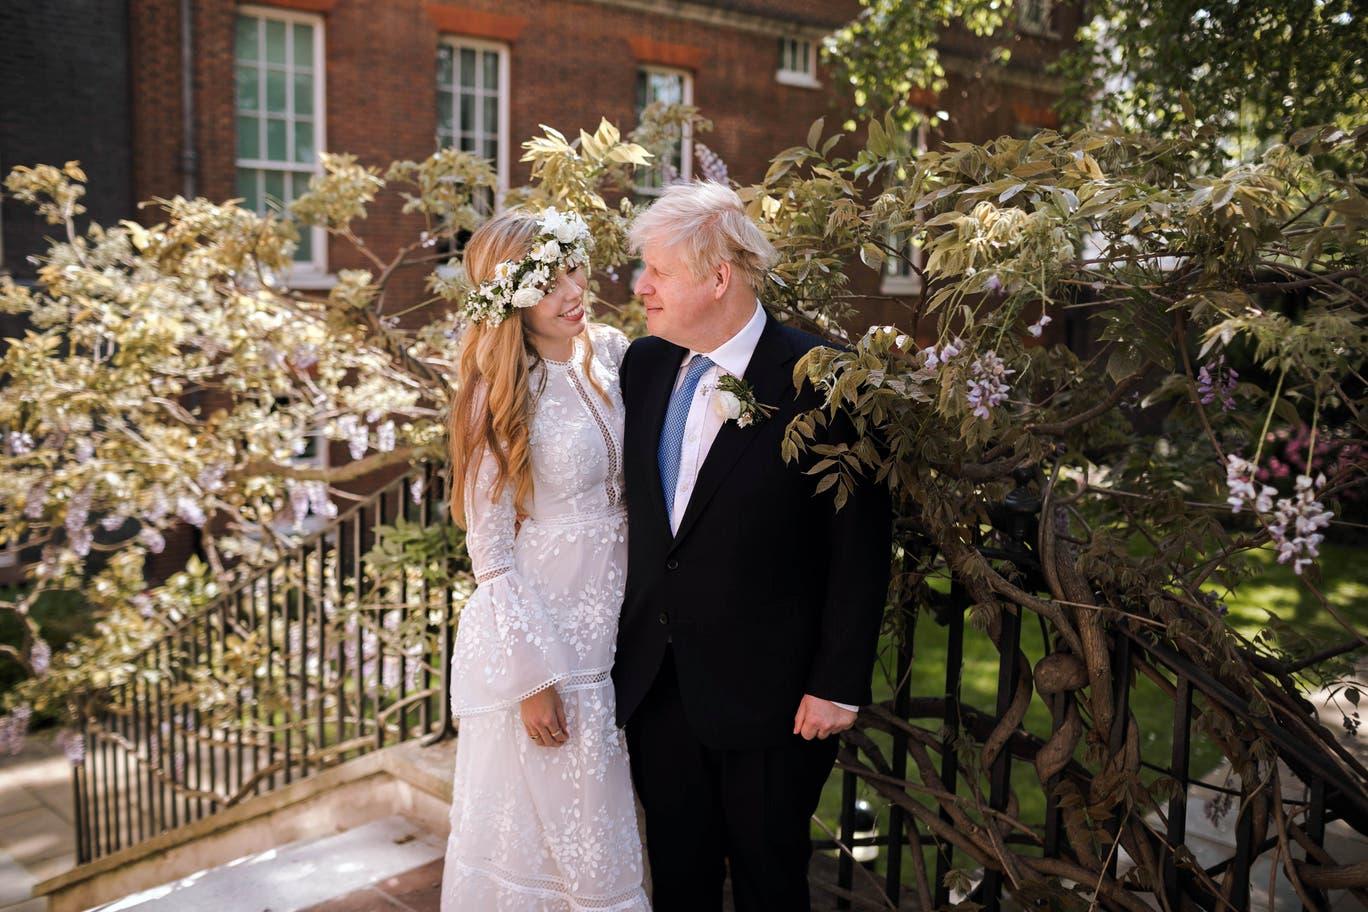 Cô dâu Carrie Johnson trong chiếc váy cưới đi thuê có giá 1.4 triệu đồng sánh vai cùng chú rể là thủ tướng Anh Boris Johnson tại đám cưới hôm 29/5 - Ảnh: PA Media